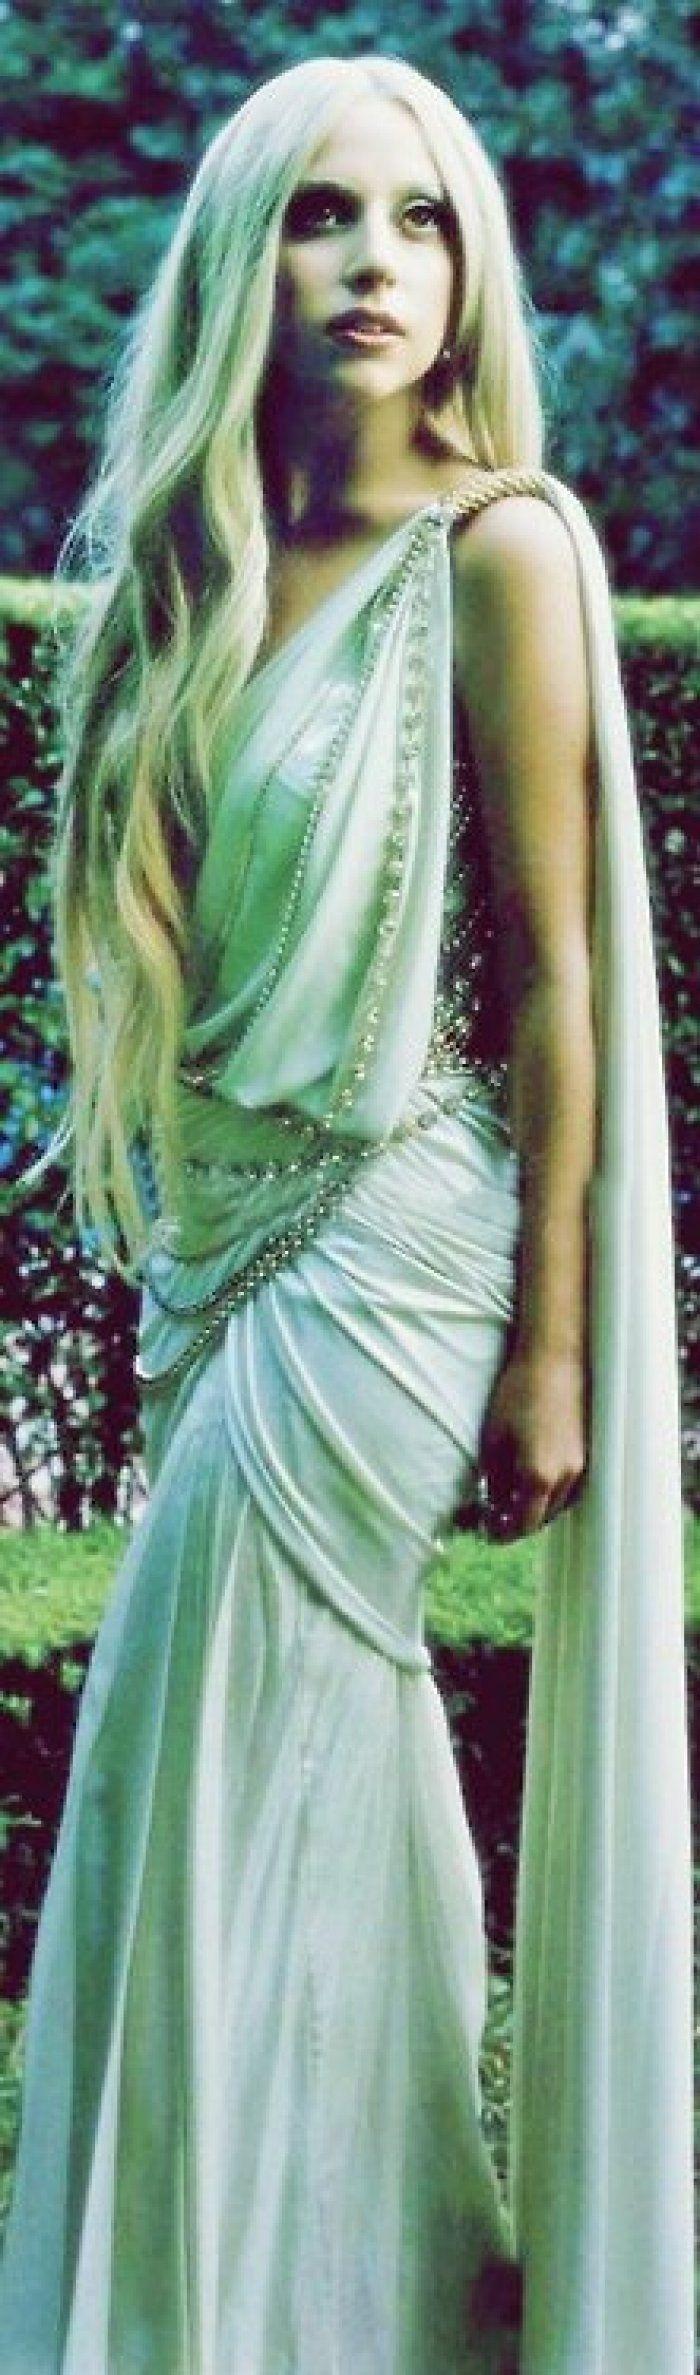 The dress goddess - Gaga Greek Goddess Love Her Or Not We Re